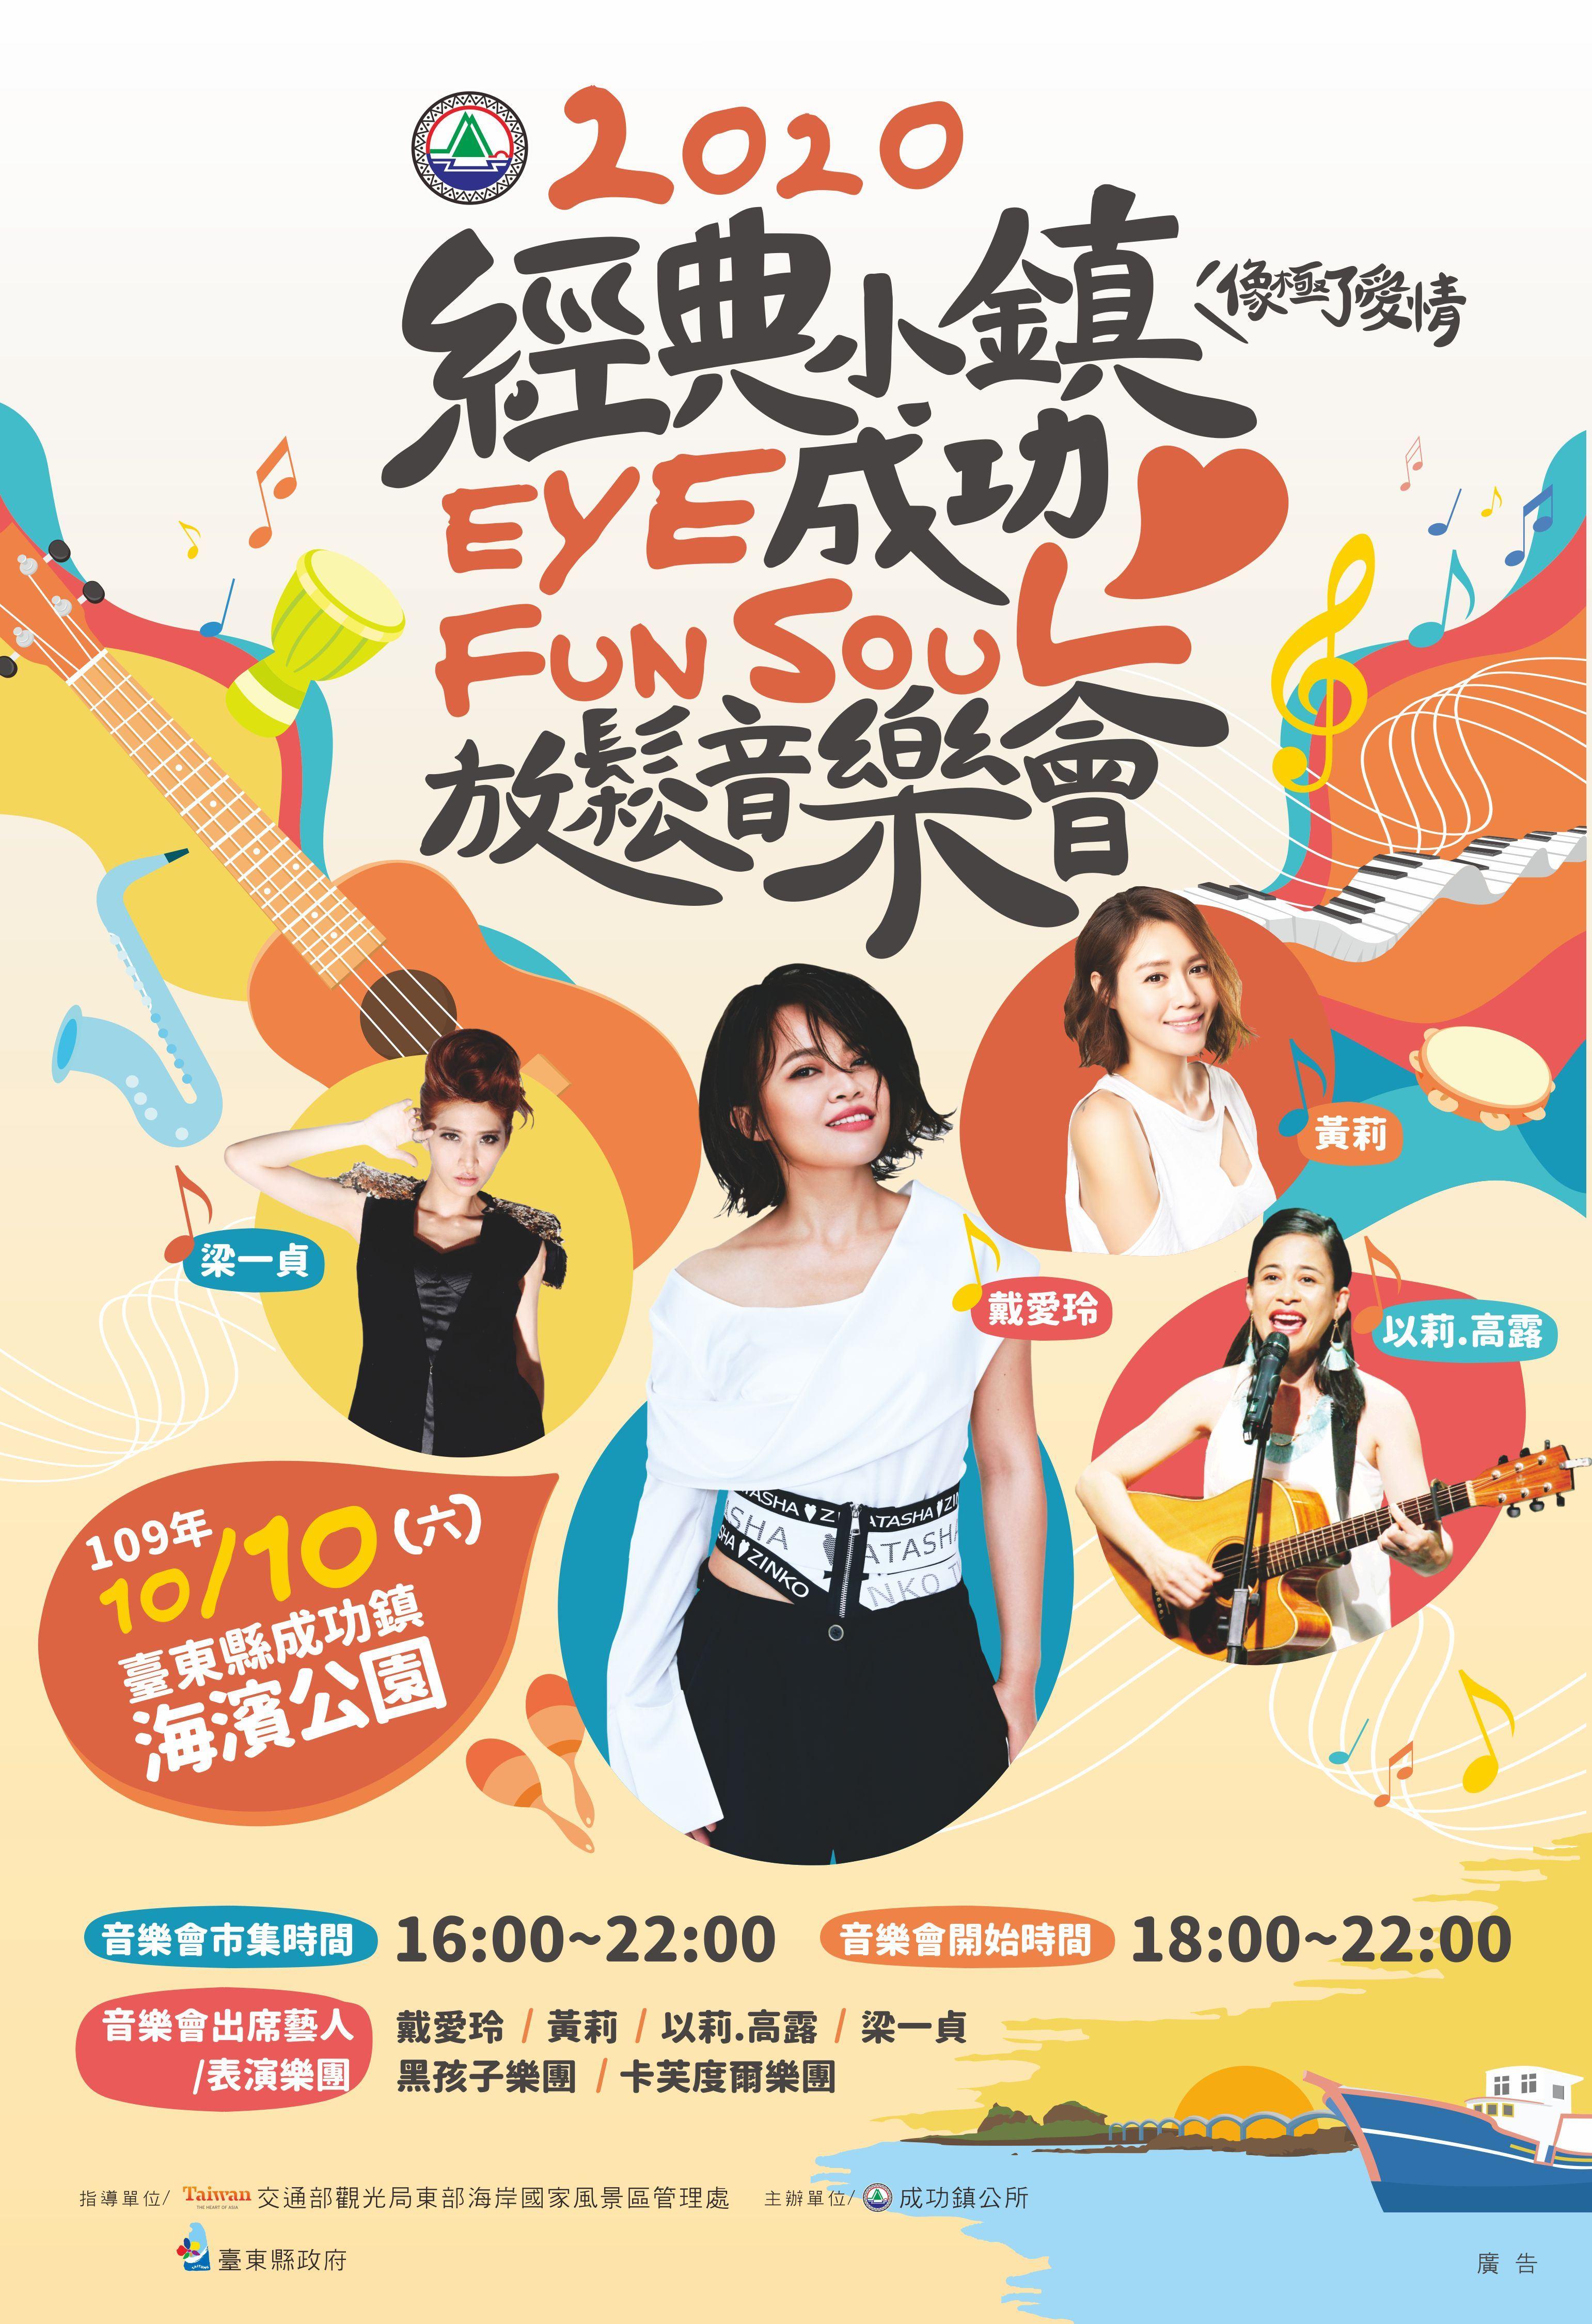 台東縣成功鎮公所舉辦「2020經典小鎮eye成功Fun Soul(放鬆)音樂會」